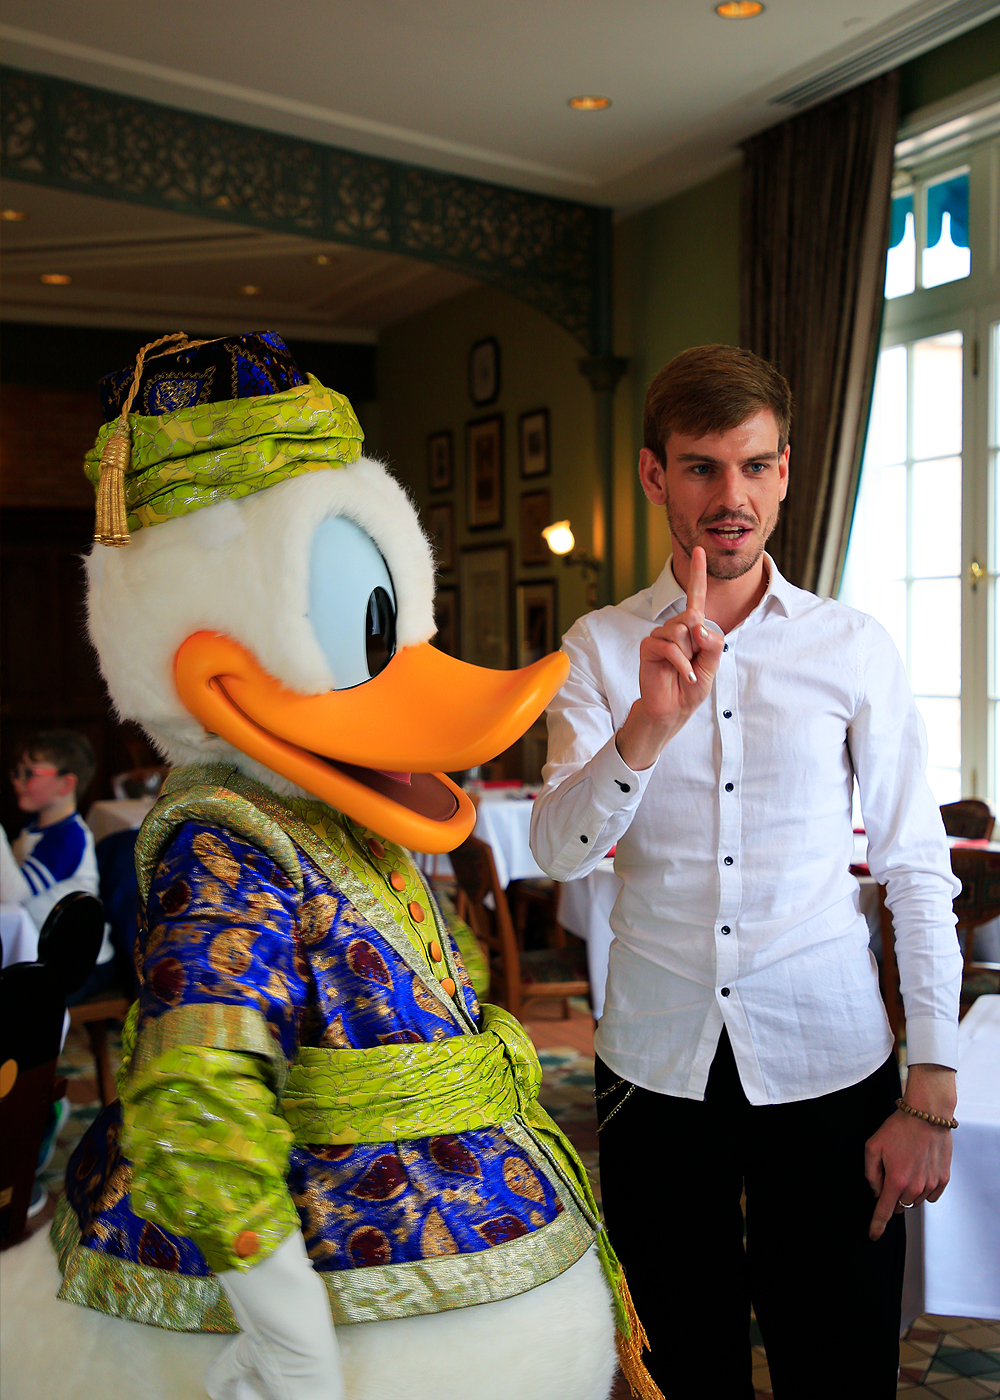 [Trip Report DLP] ÉPISODE BONUS : A Whole New World au Disneyland Hotel - Page 2 Brunch_13